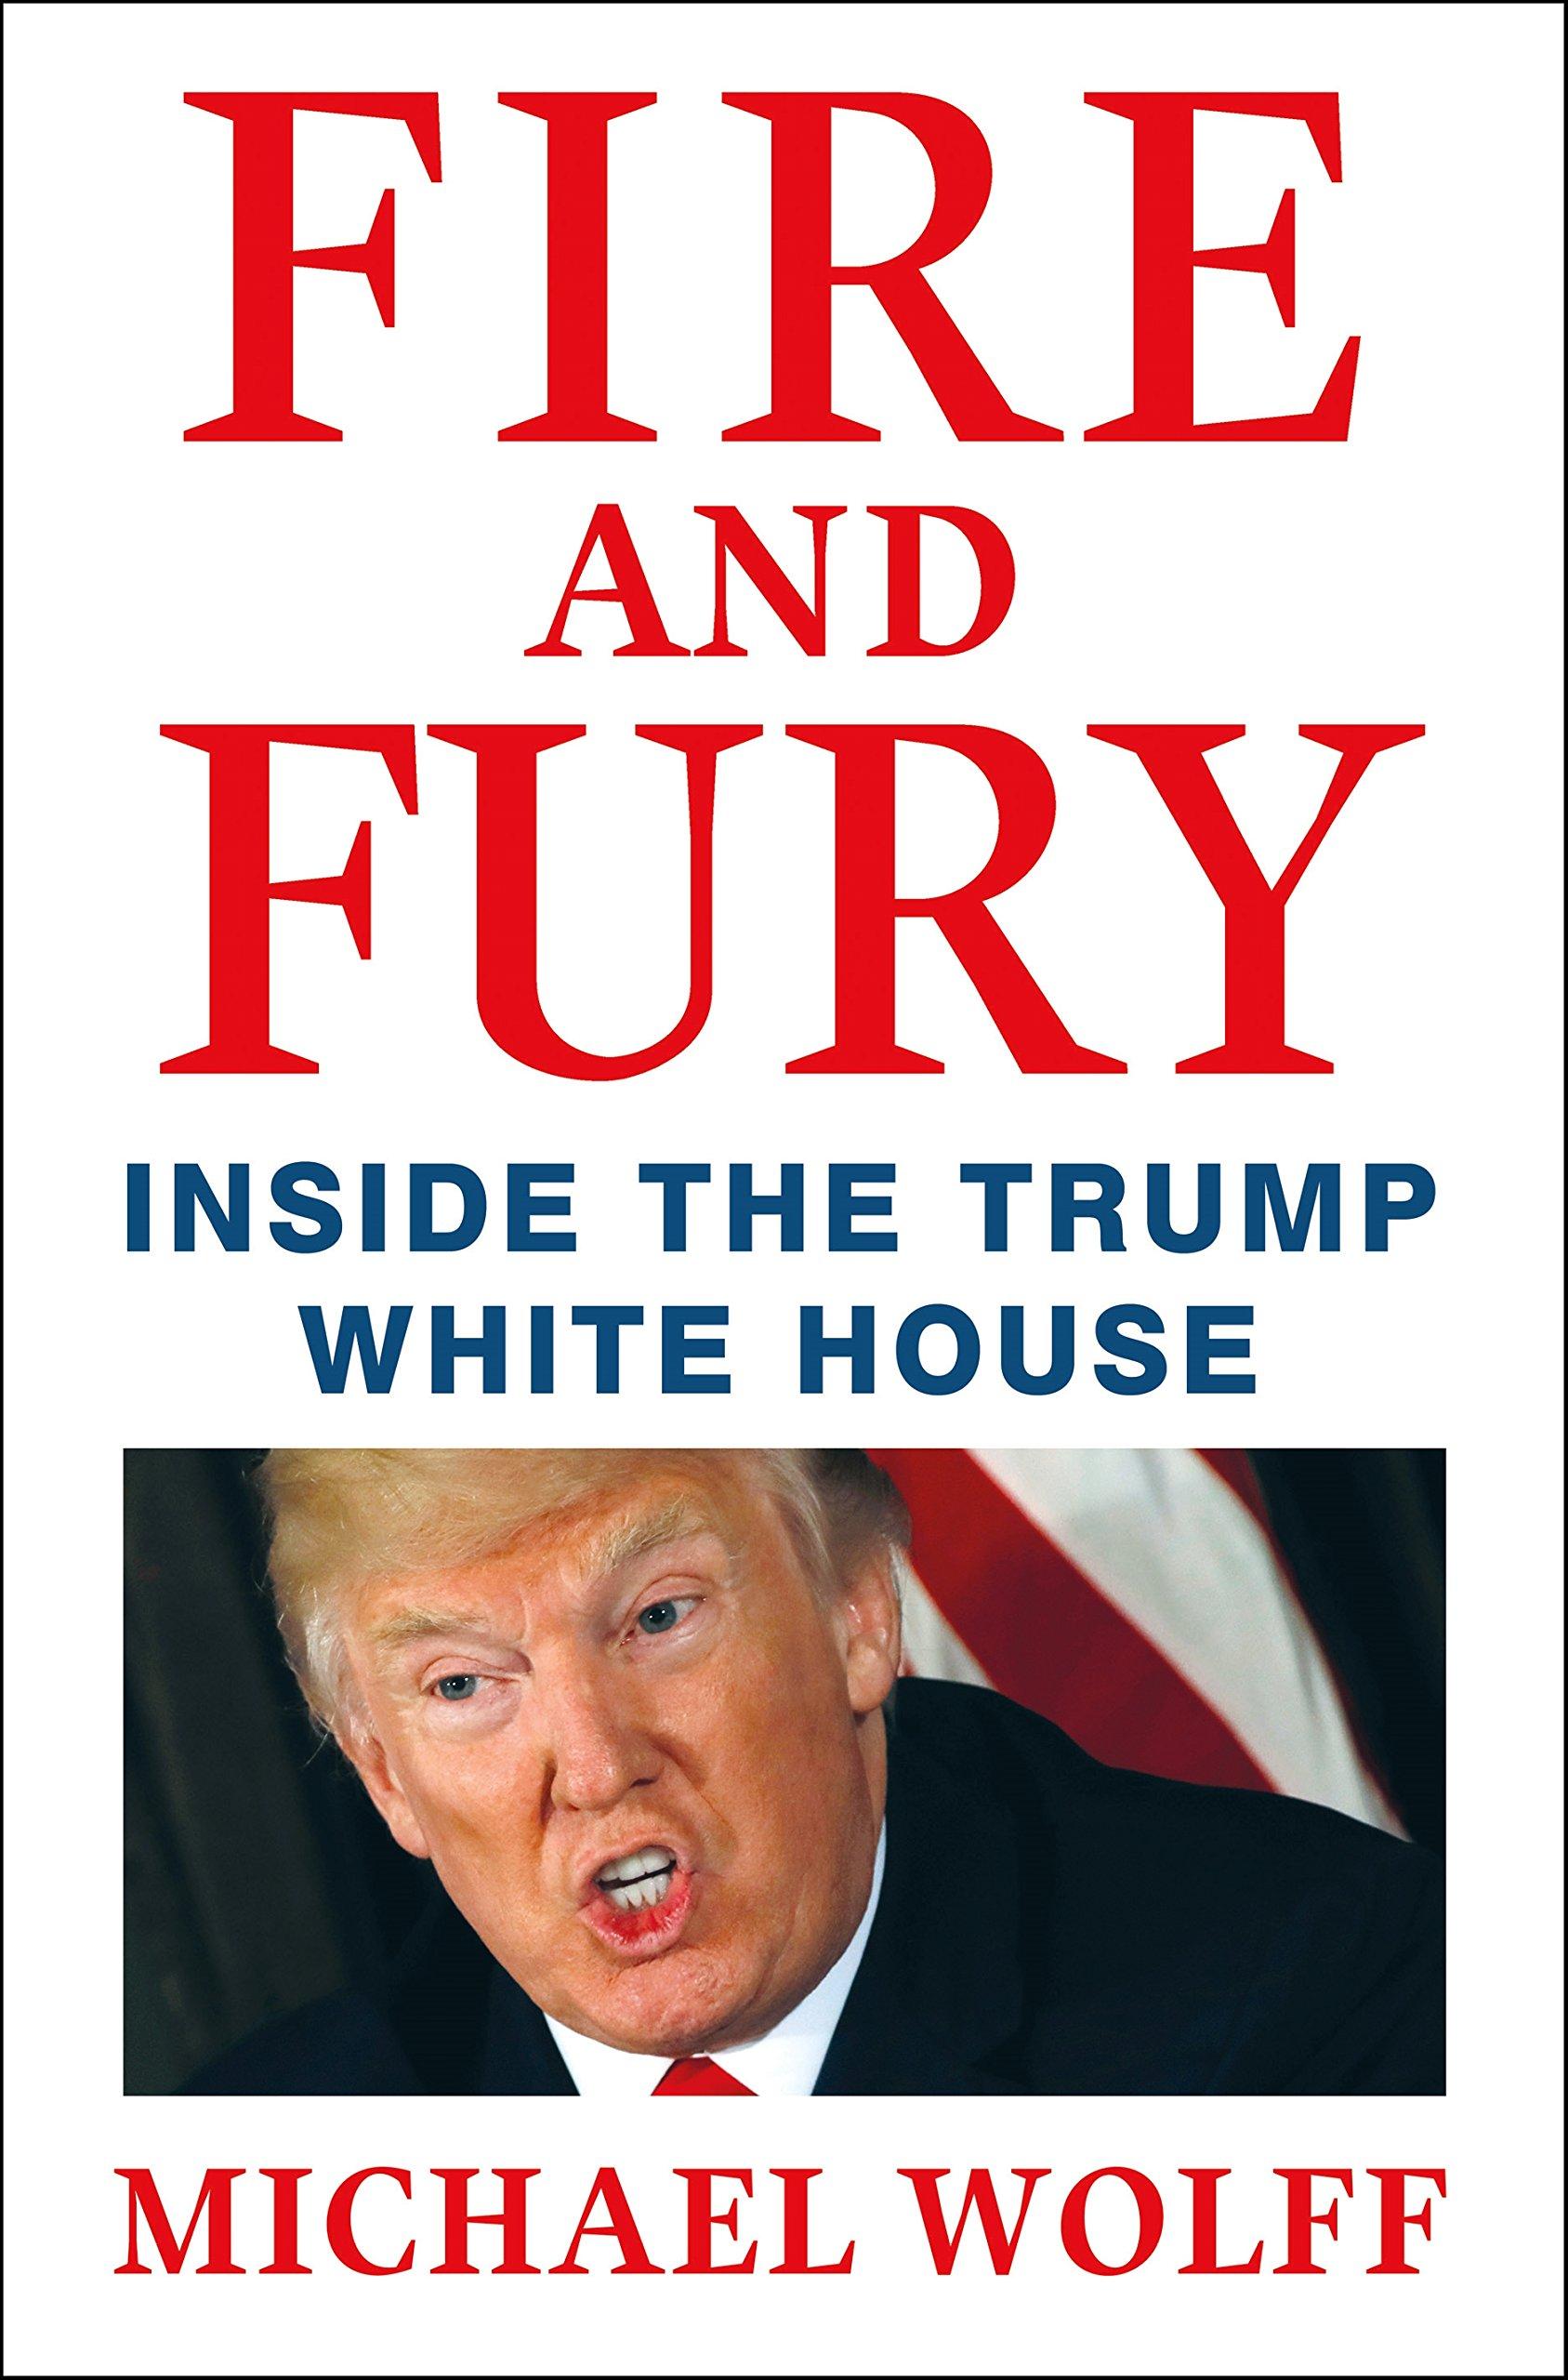 Fogo e furia:  por dentro da Casa Blanca de Trump